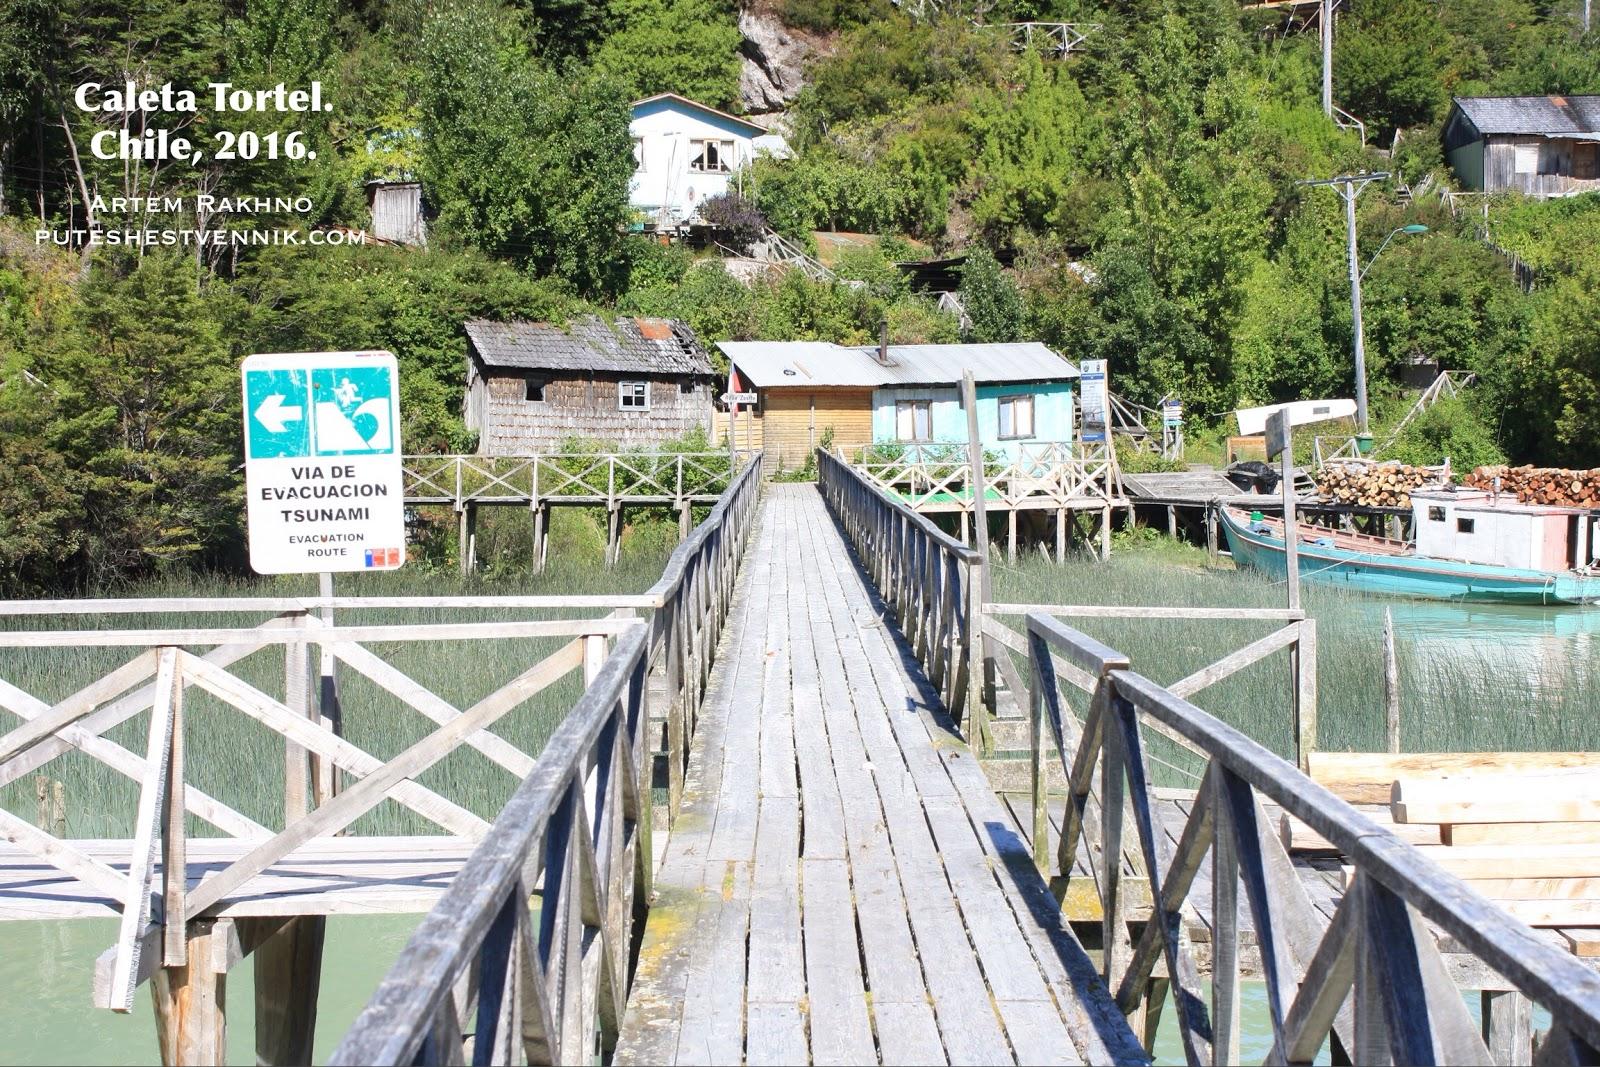 Калета Тортел и знак об эвакуации из зоны цунами